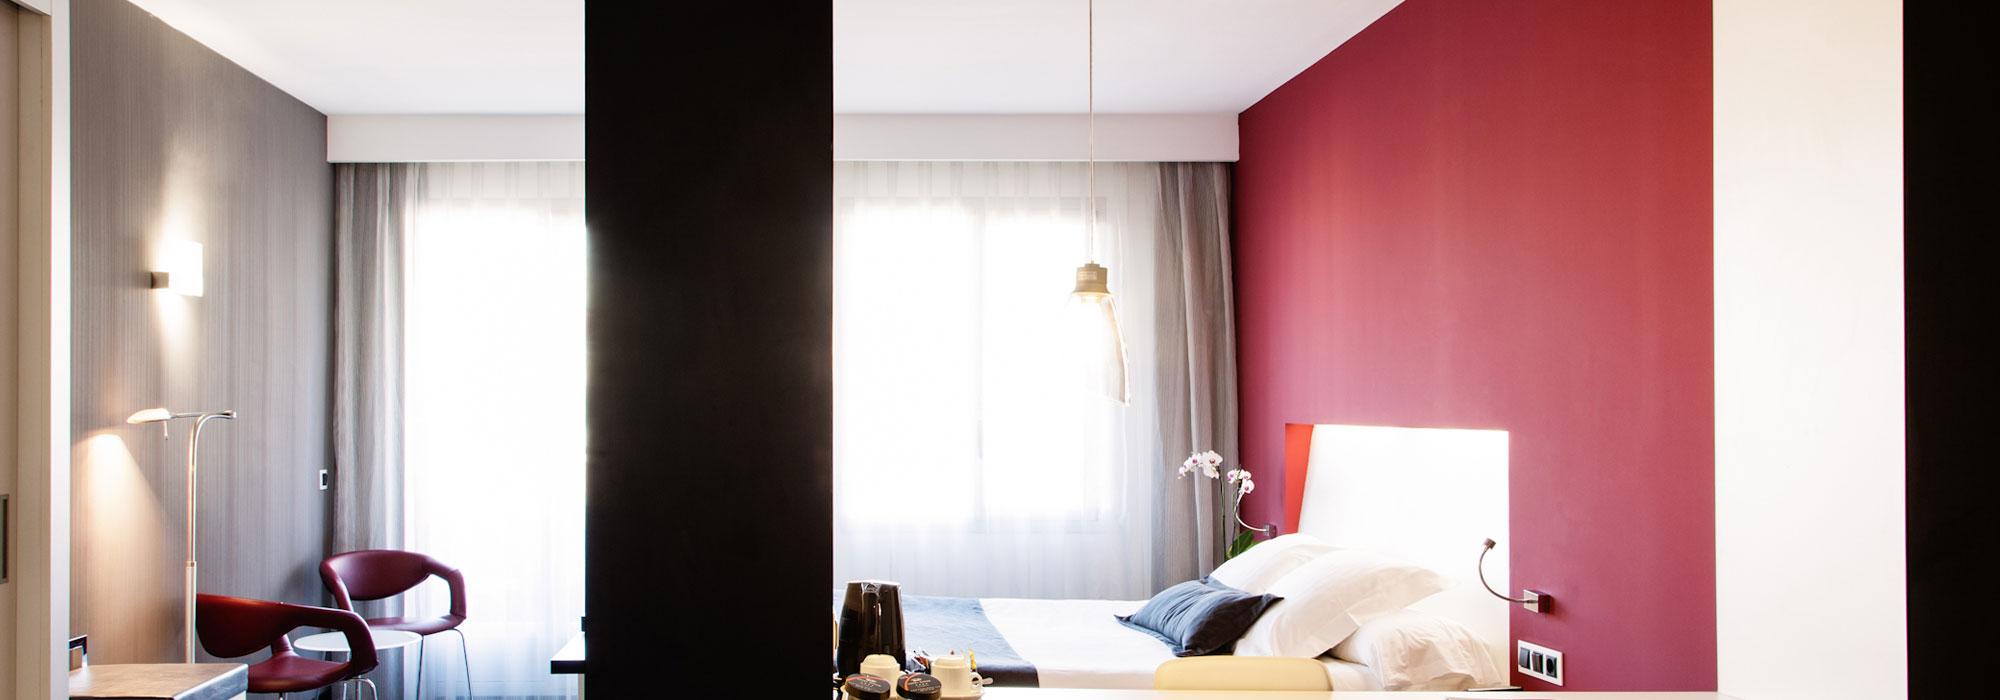 Linen Cost Per Hotel Room